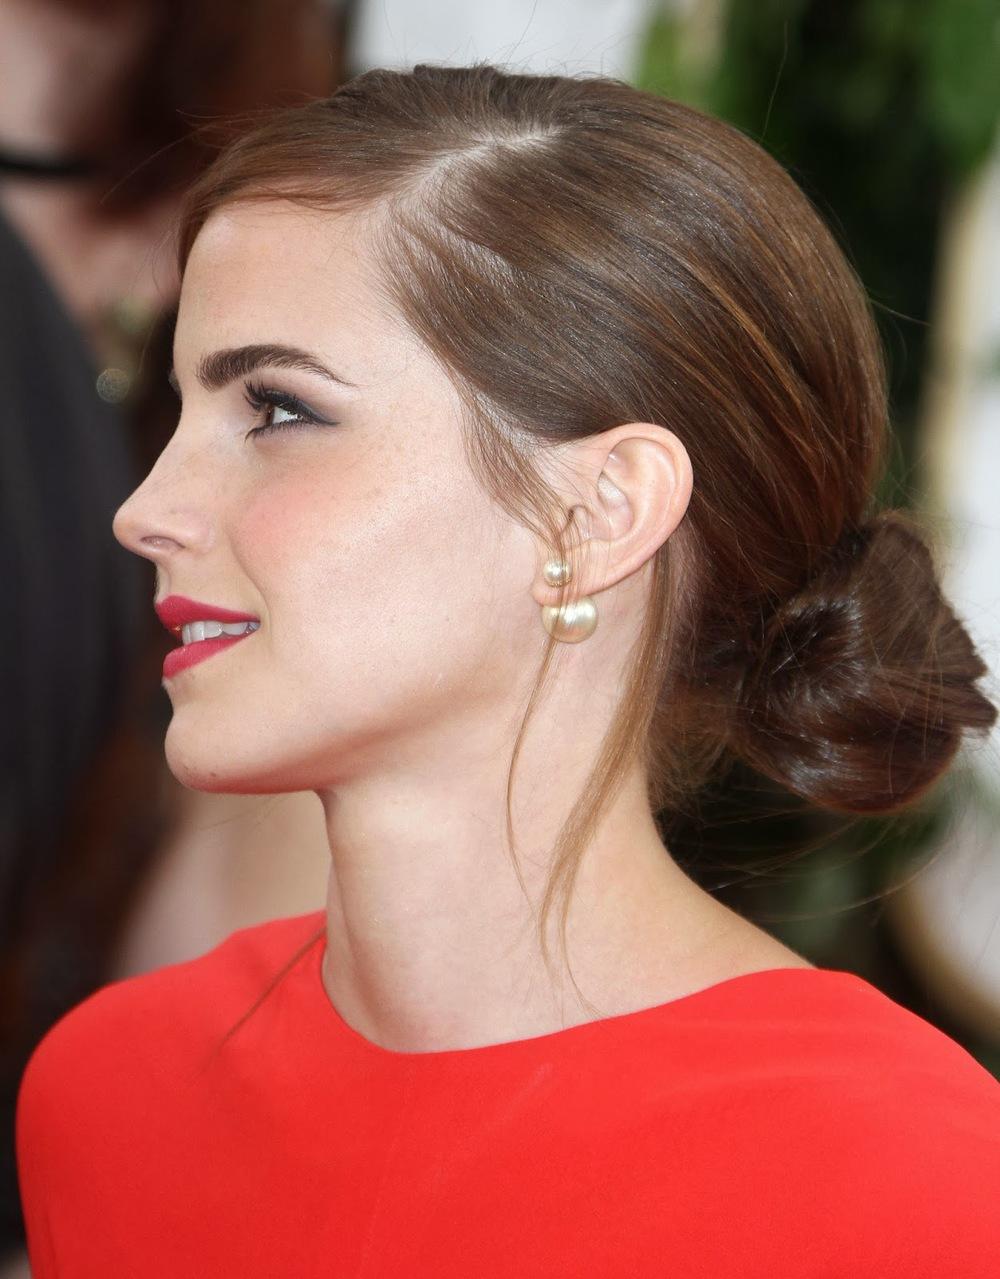 Emma-Watson-Golden-Globes-Awards-2014-1.jpg